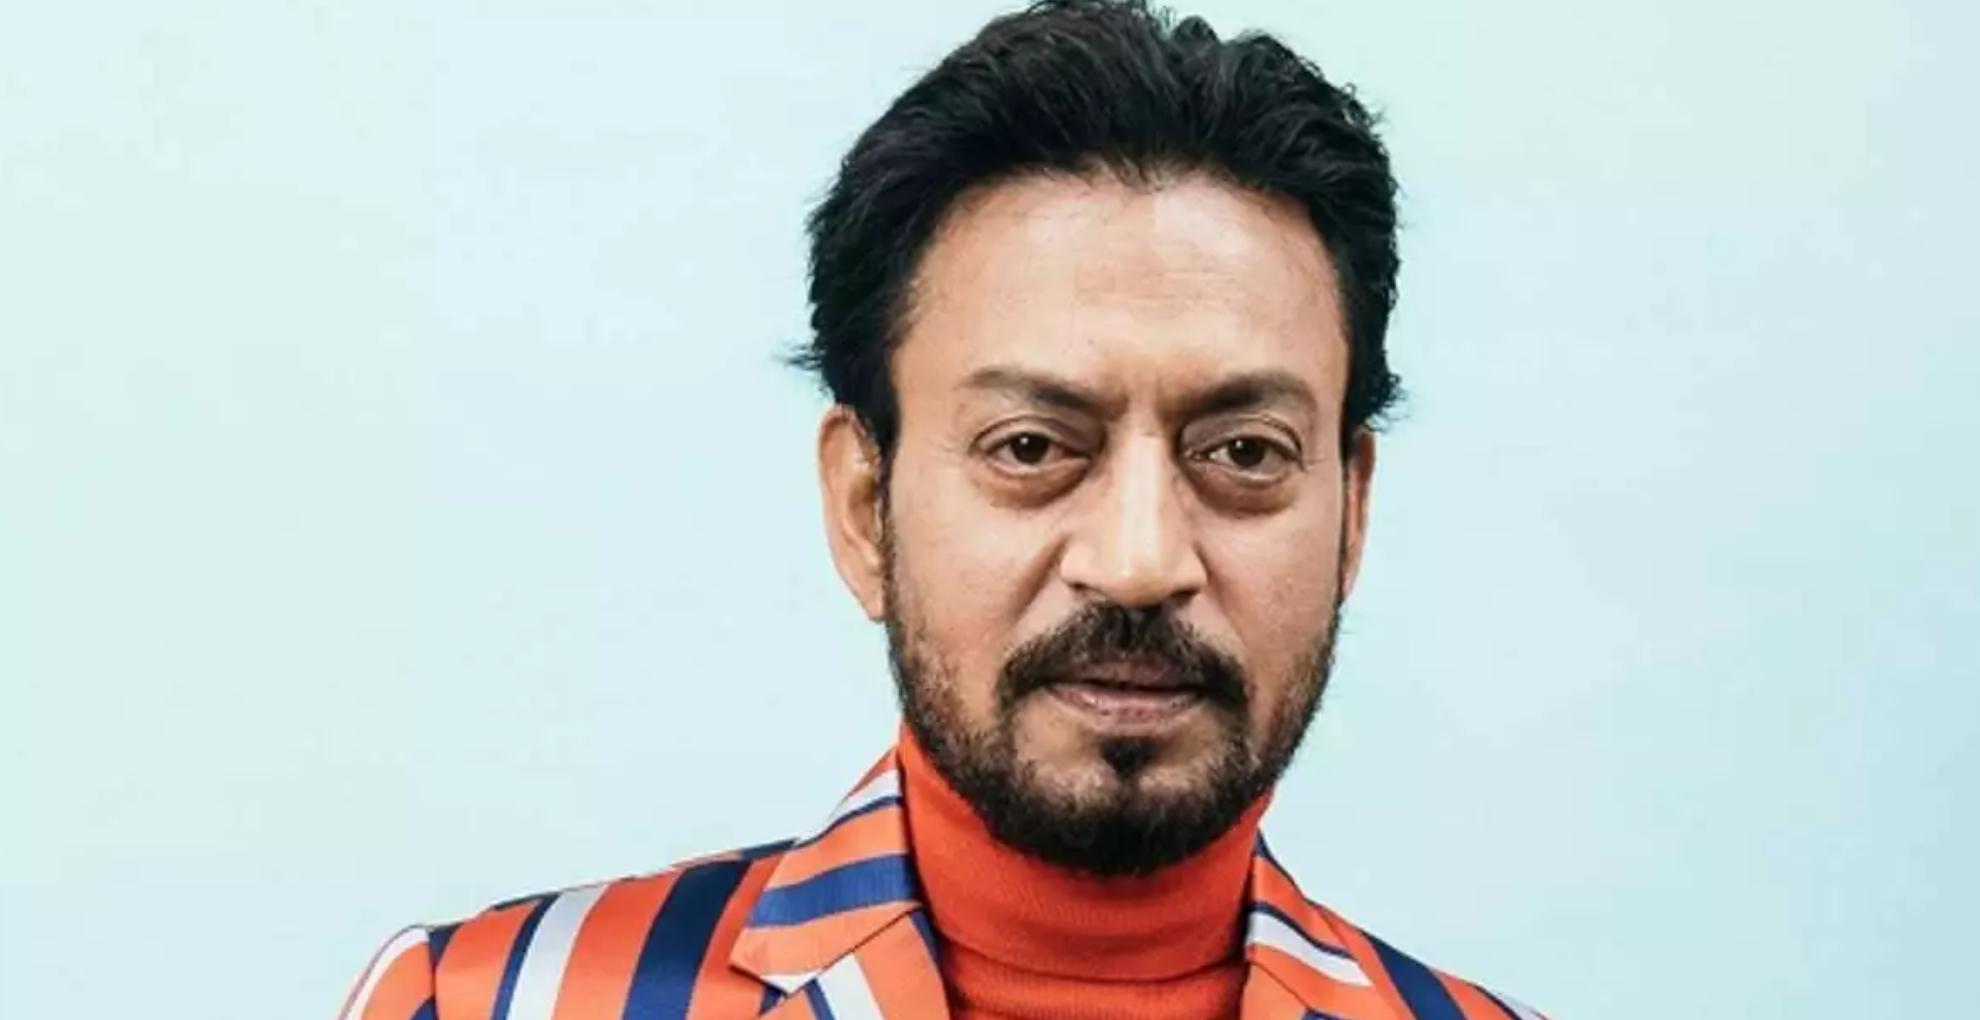 फिल्म अंग्रेजी मीडियम की लंदन में शूटिंग हुई पूरी, लेकिन वापस नहीं आए इरफान खान, जानिए क्या है वजह